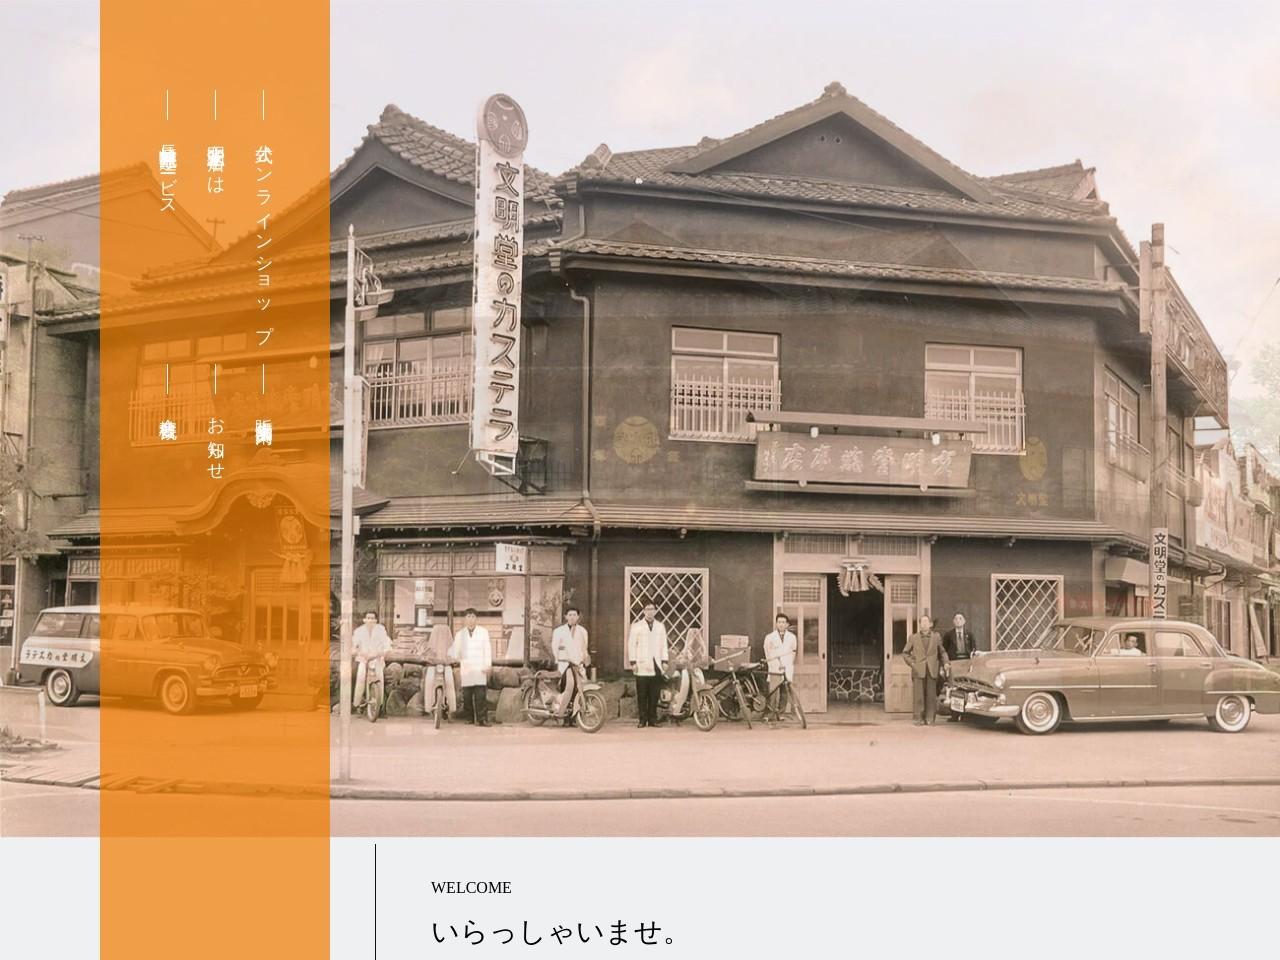 文明堂総本店/矢賀店